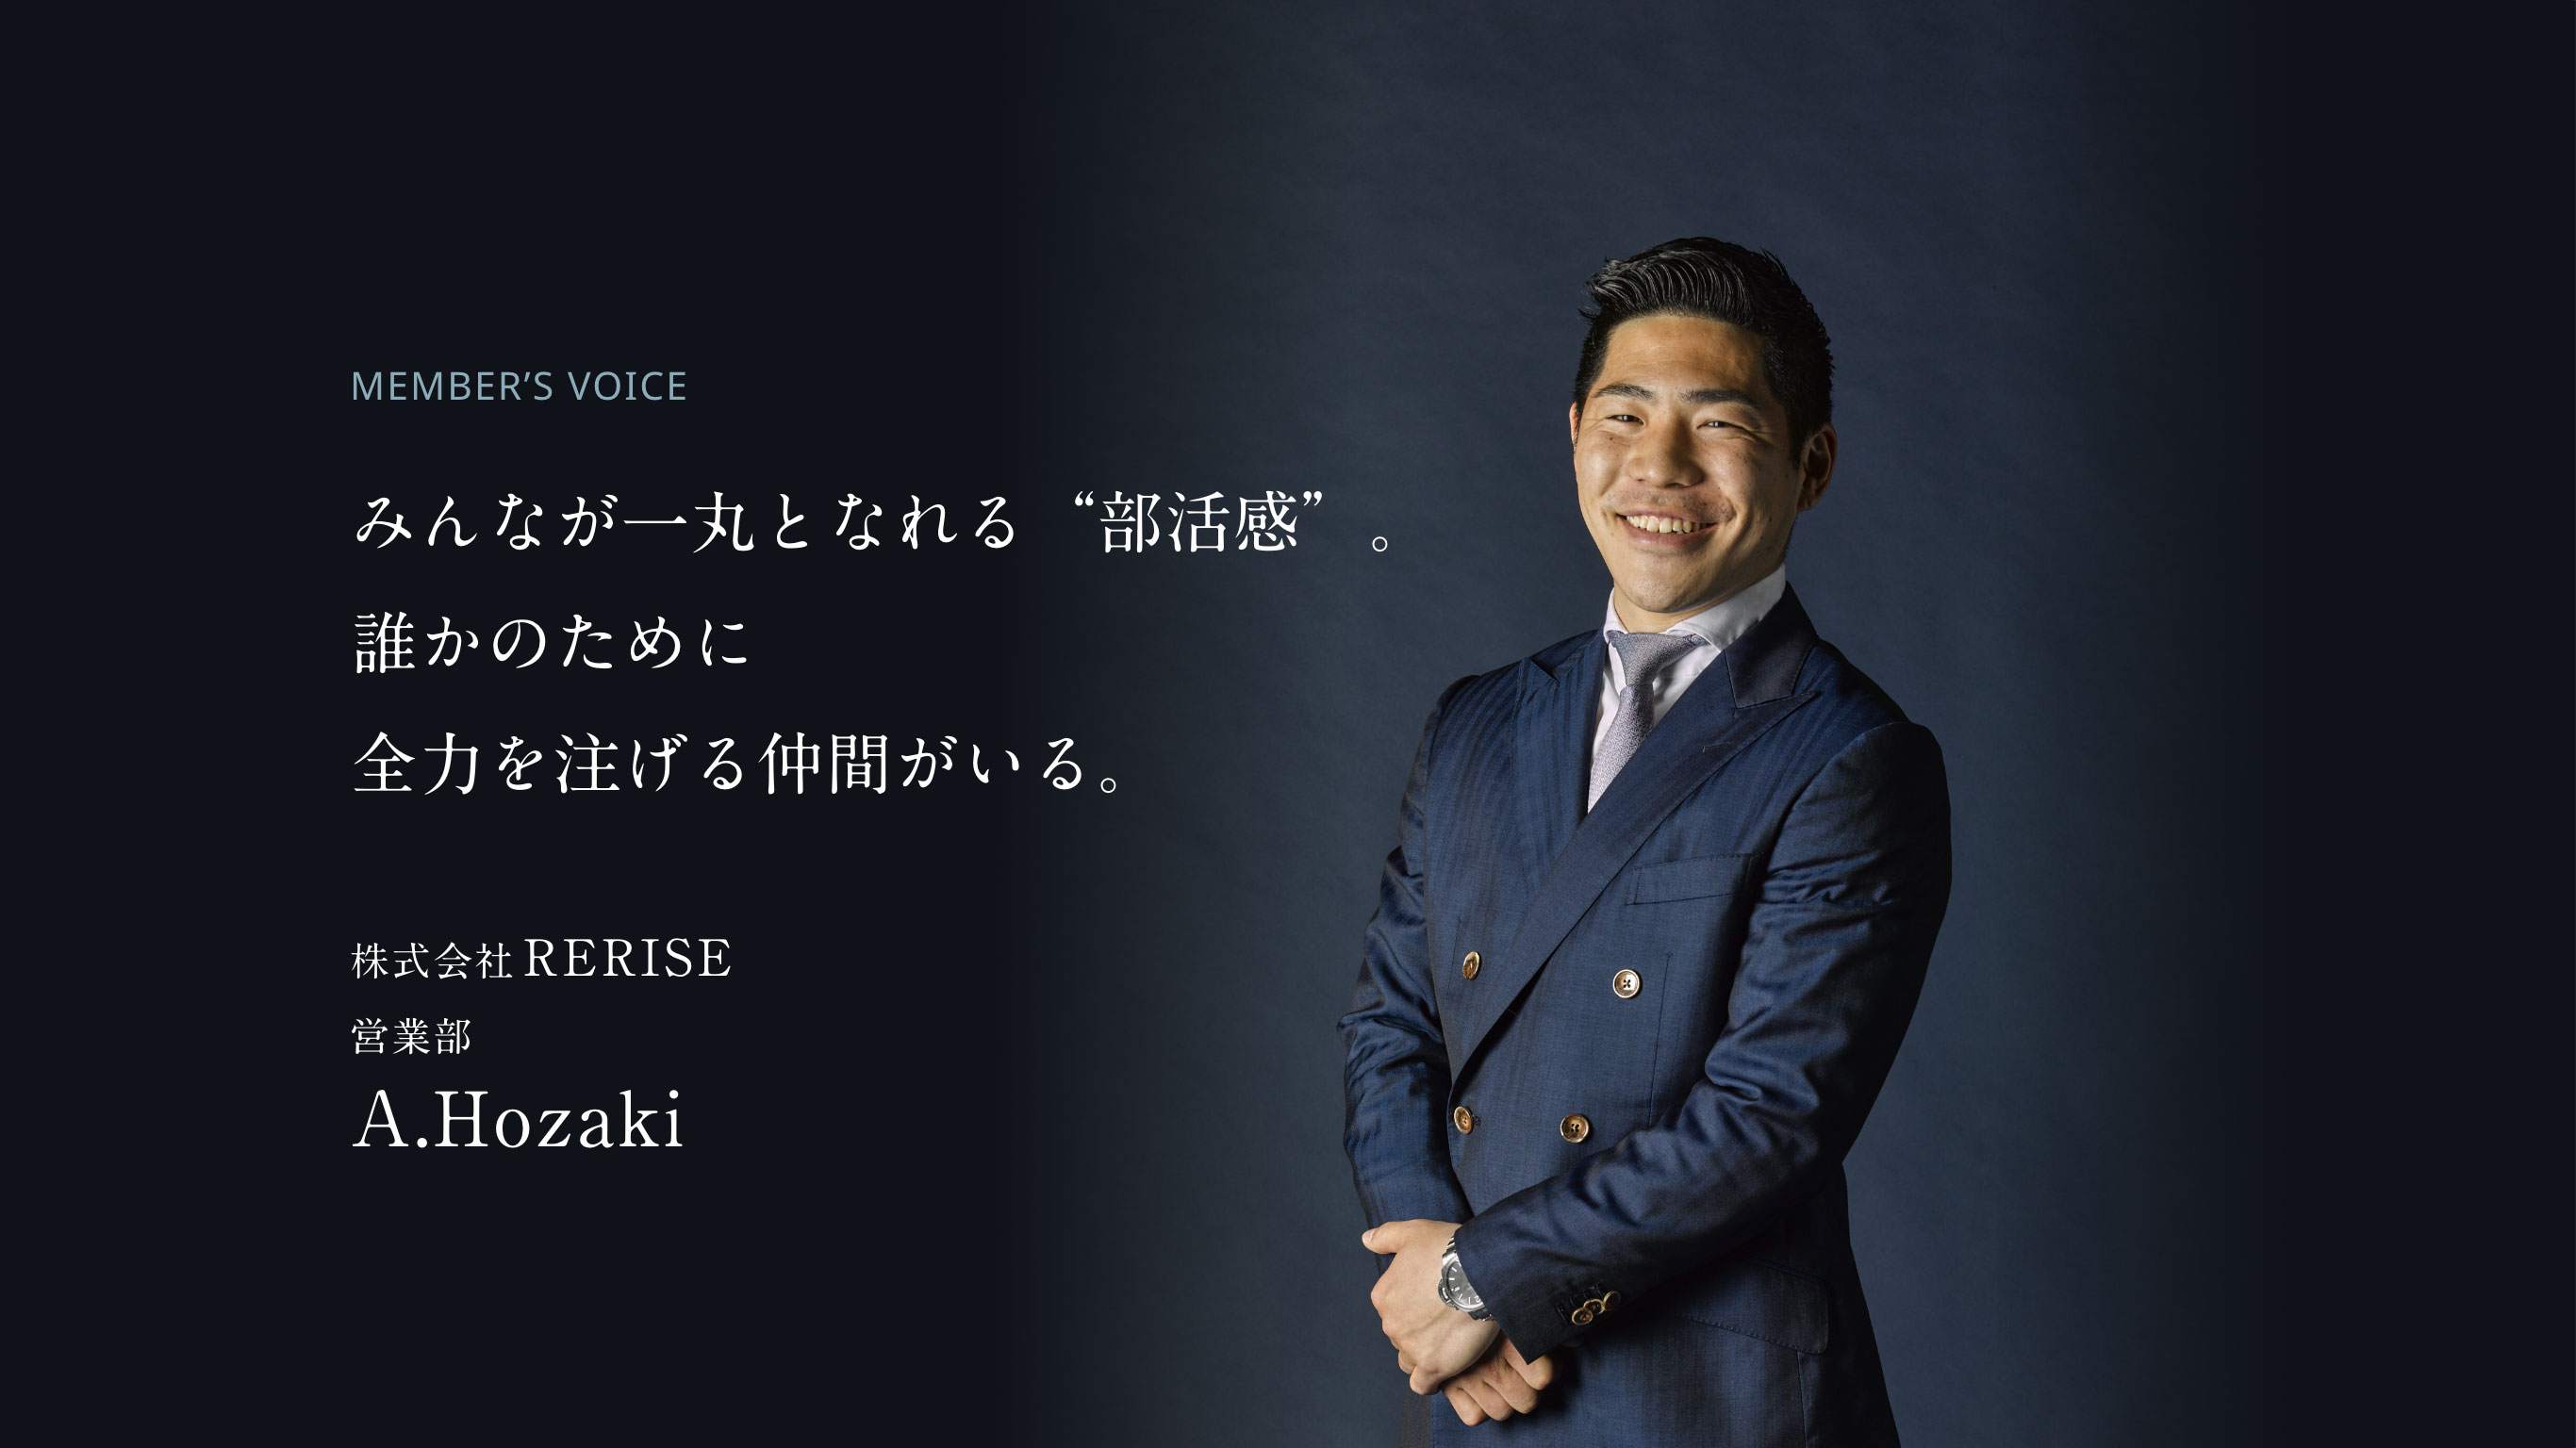 """みんなが一丸となれる""""部活感""""。誰かのために全力を注げる仲間がいる。 株式会社RERISE 営業部 A.Hozaki"""